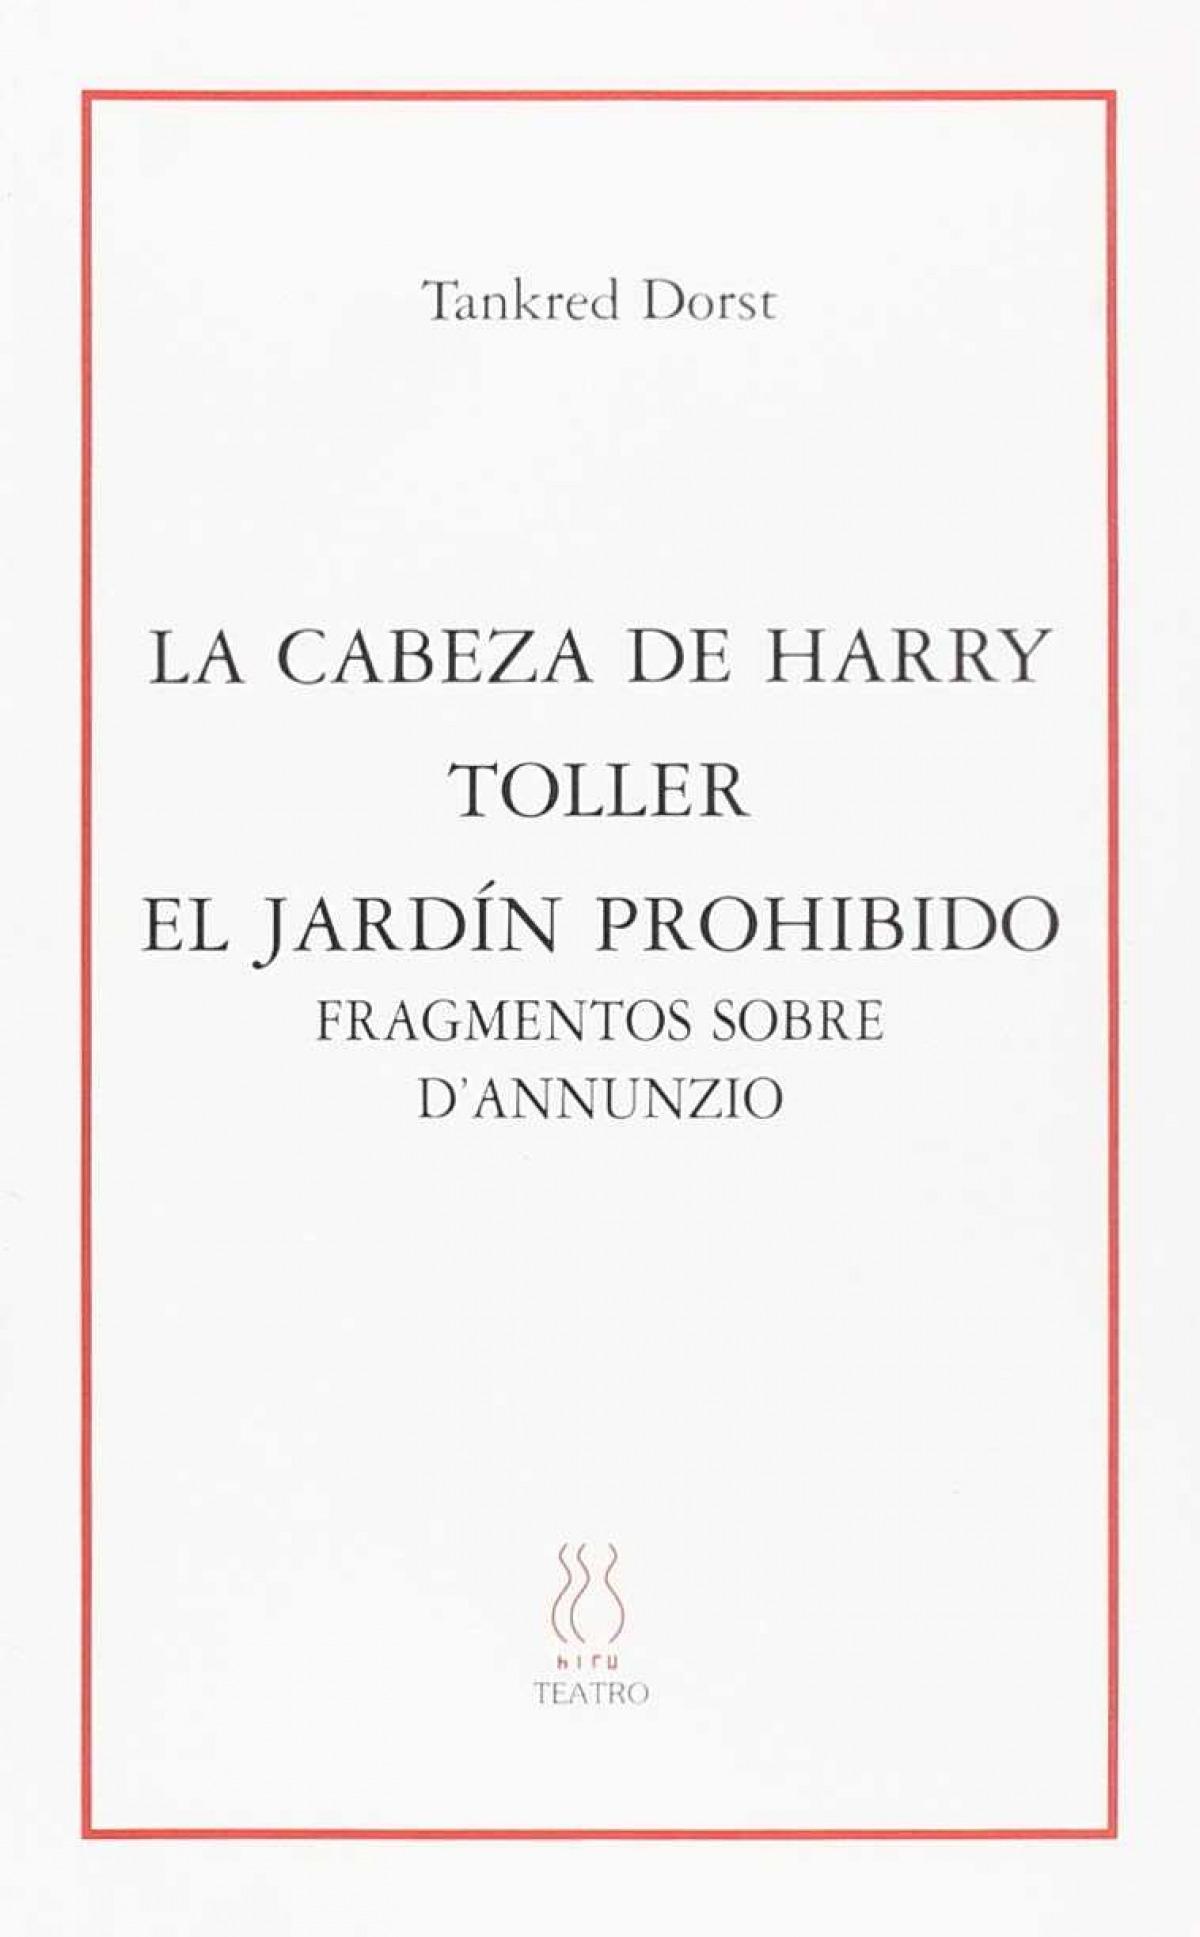 La cabeza de Harry;Toller;El jardin prohibido